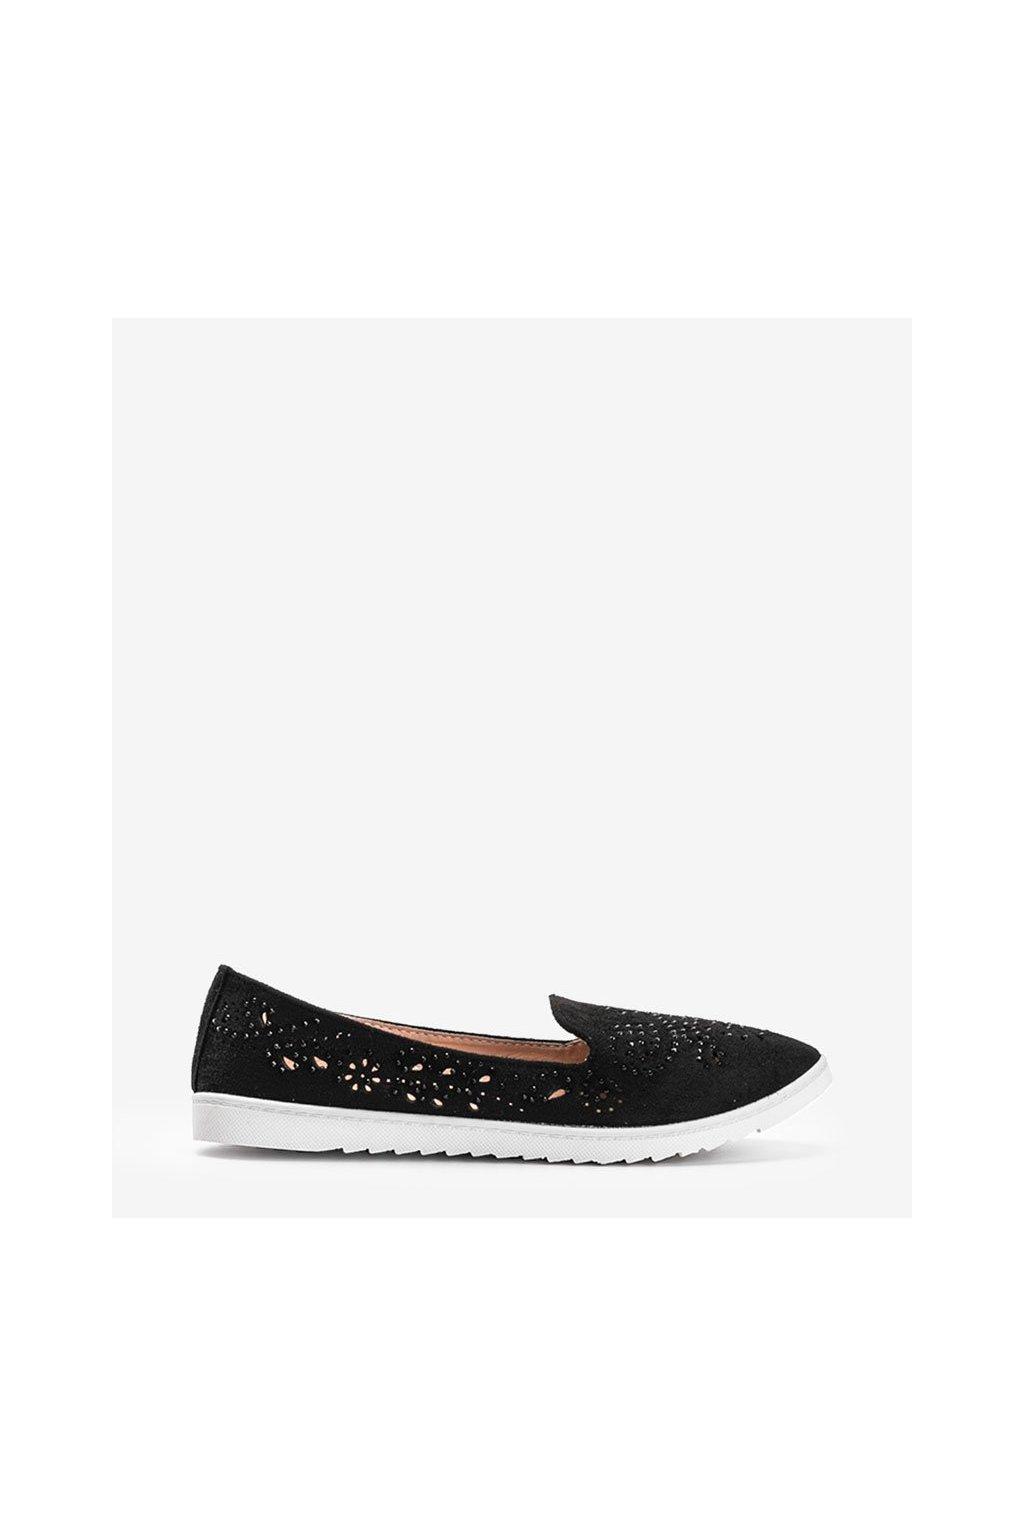 Dámske topánky mokasíny čierne kód DY-09 - GM